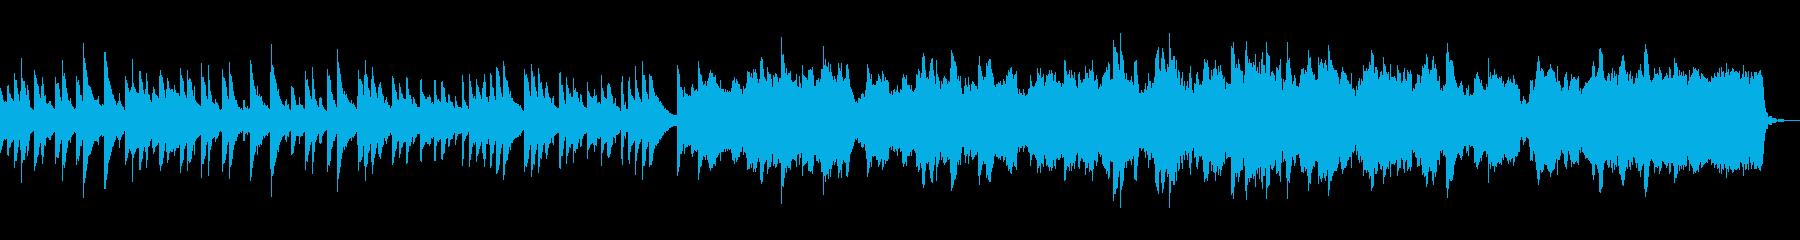 切ない、儚げなイメージのBGMの再生済みの波形